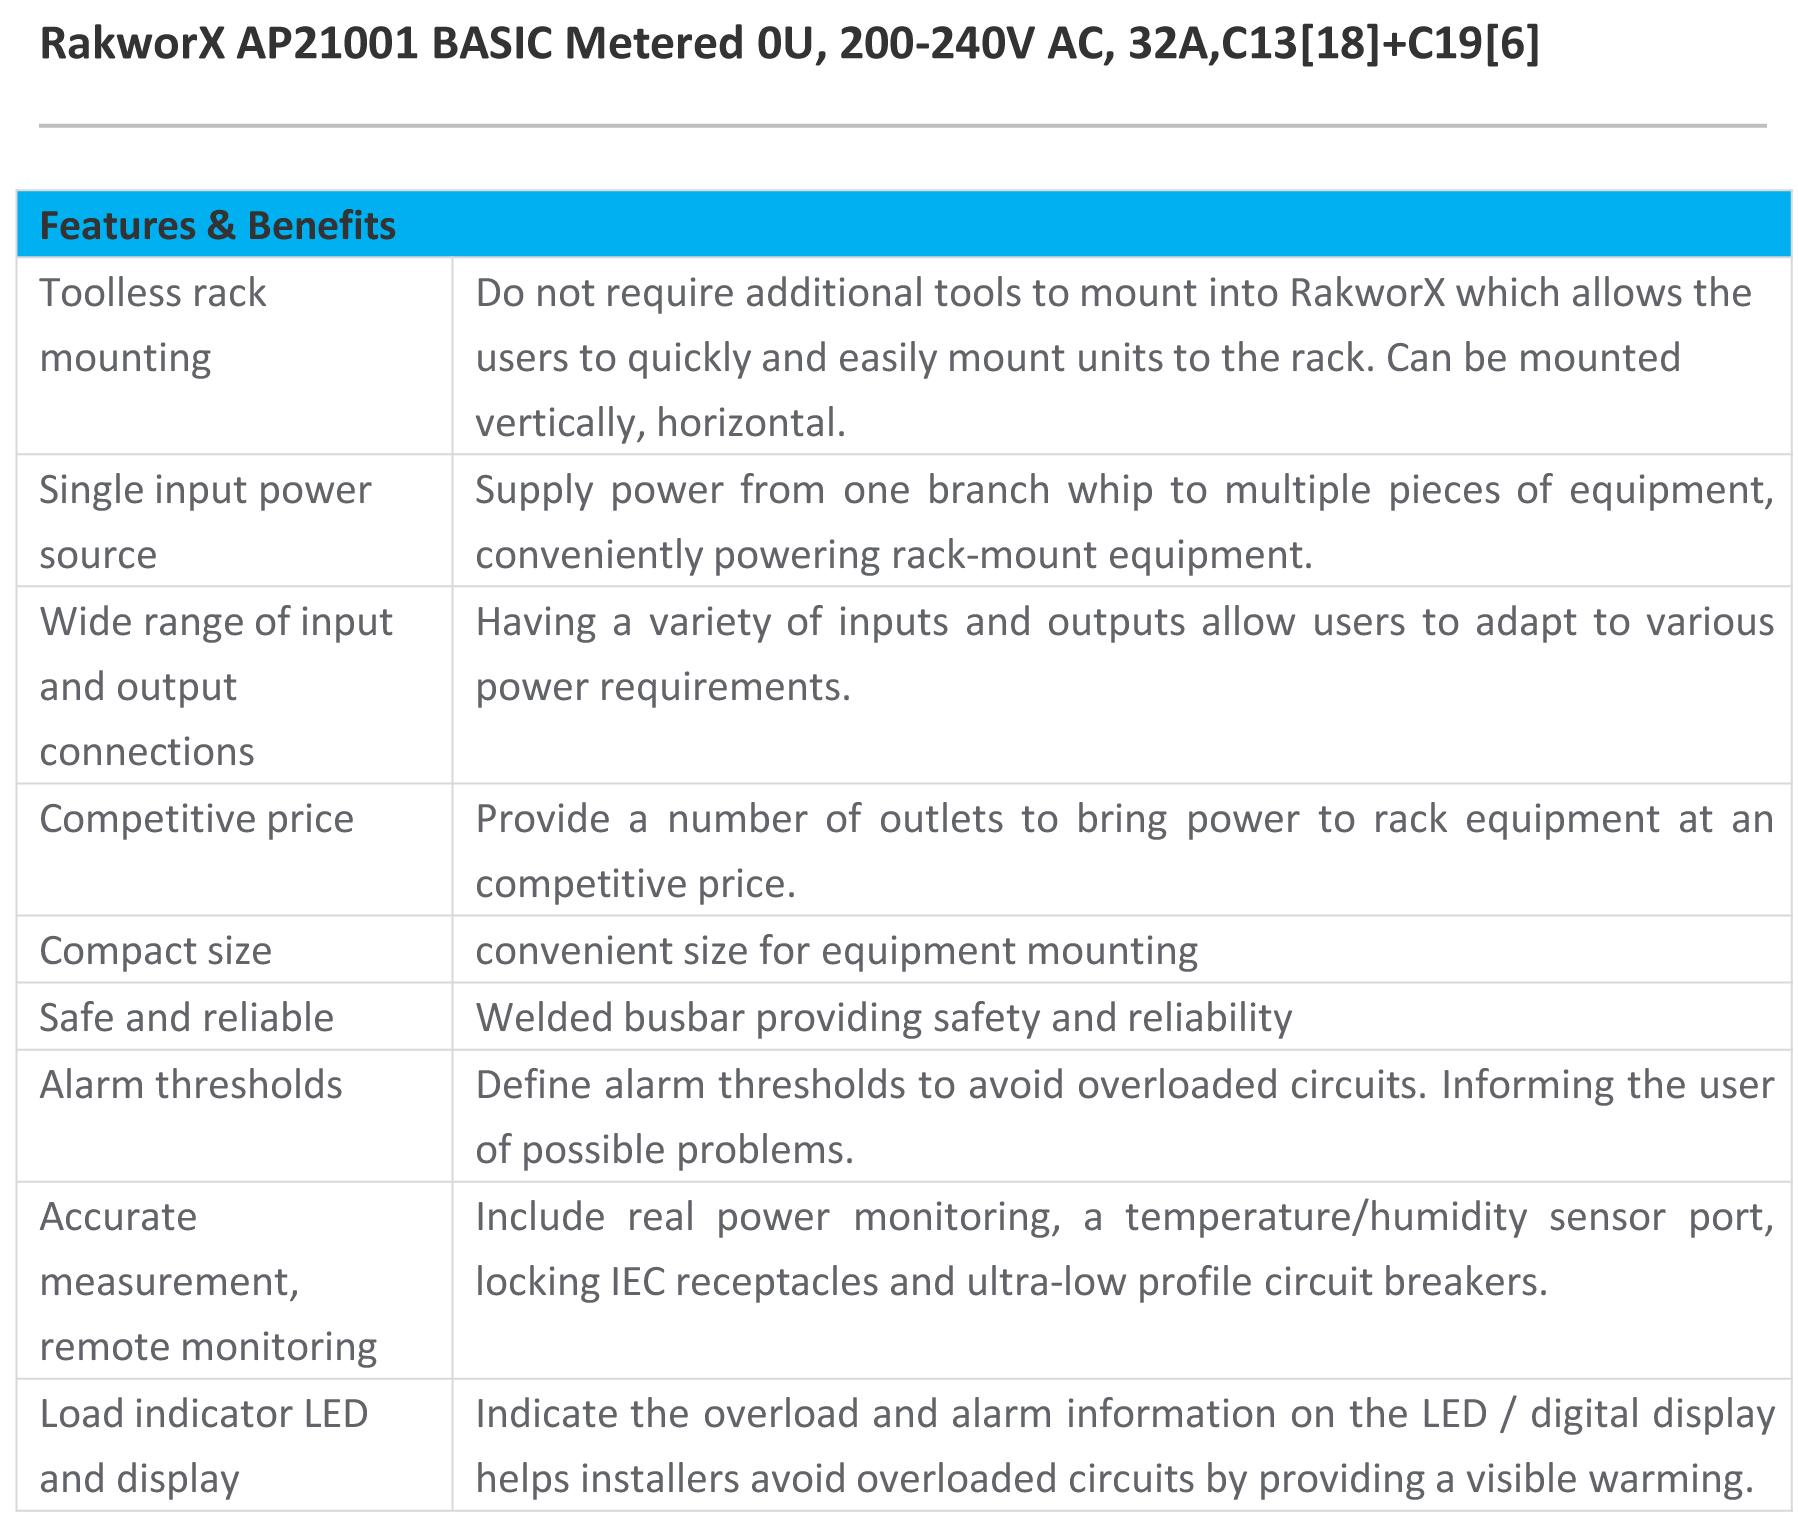 AP21001 BASIC METERED PDU-1